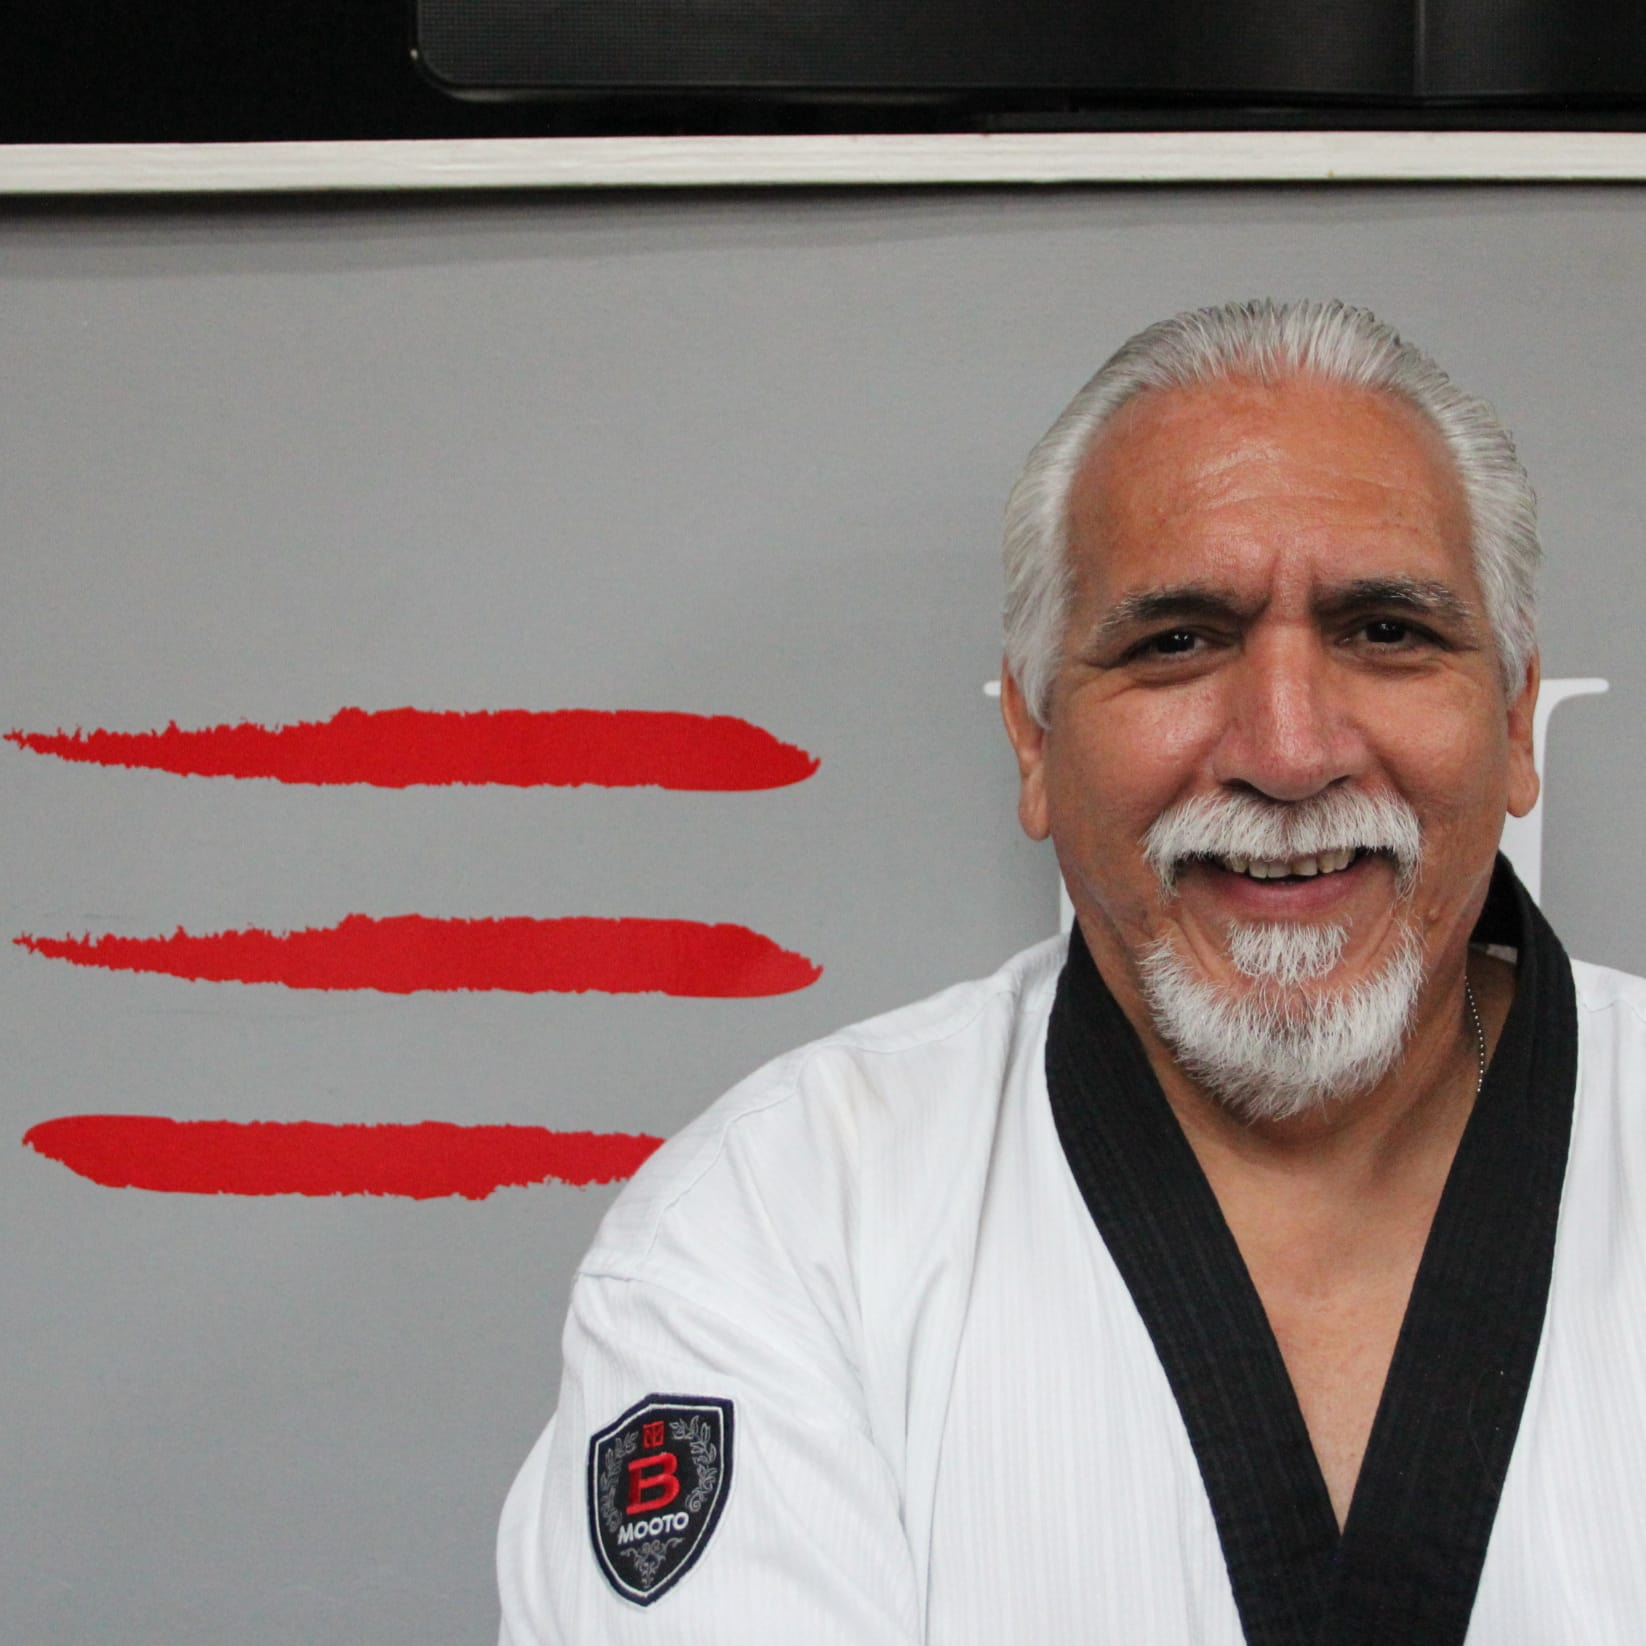 Alex Segura in Spring - HERO Martial Arts Academy